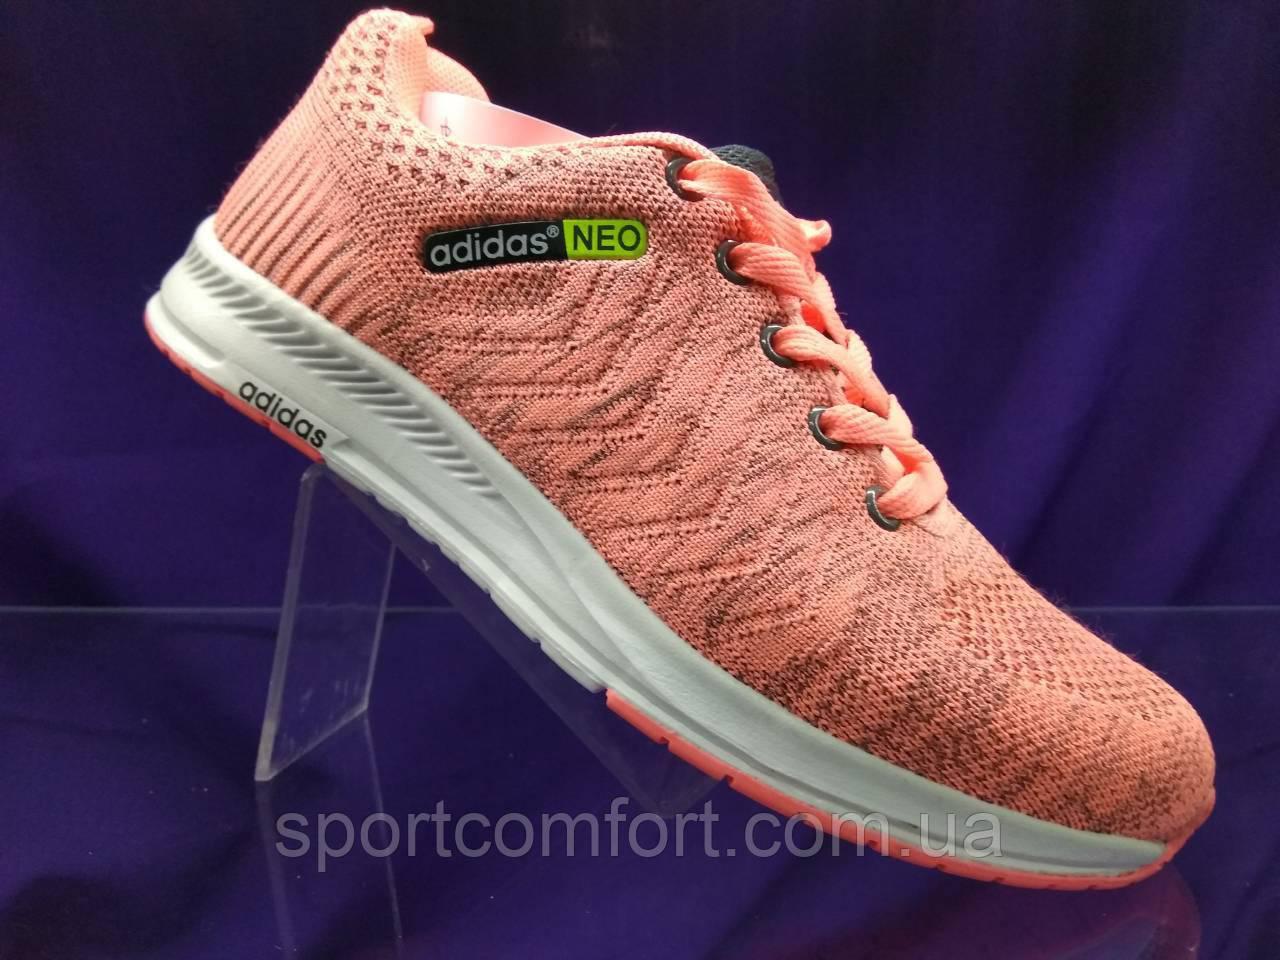 Кроссовки Adidas  Neo  женские  коралл